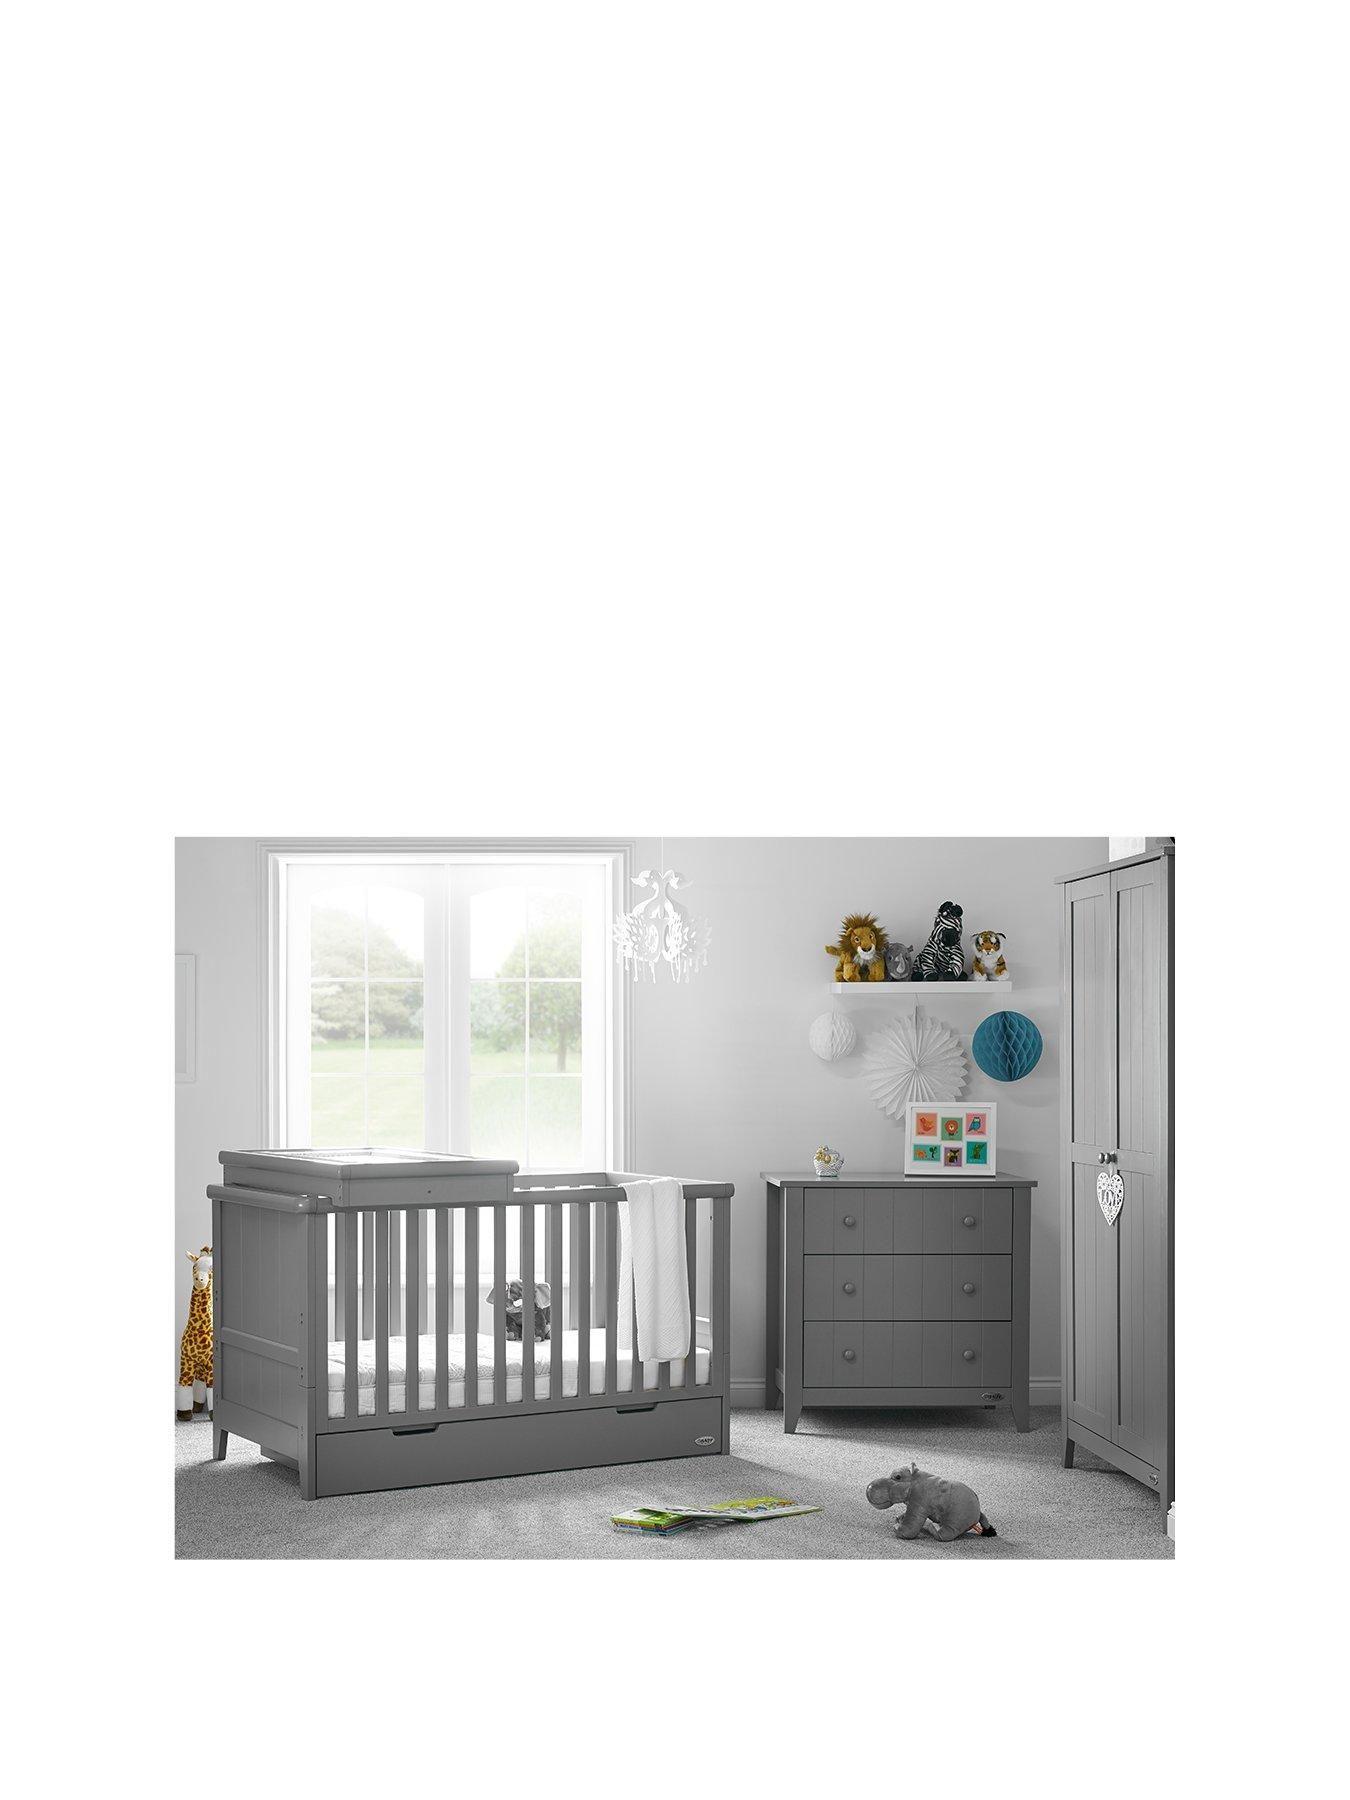 Belton 3 Piece Nursery Furniture Set Nursery Furniture Sets